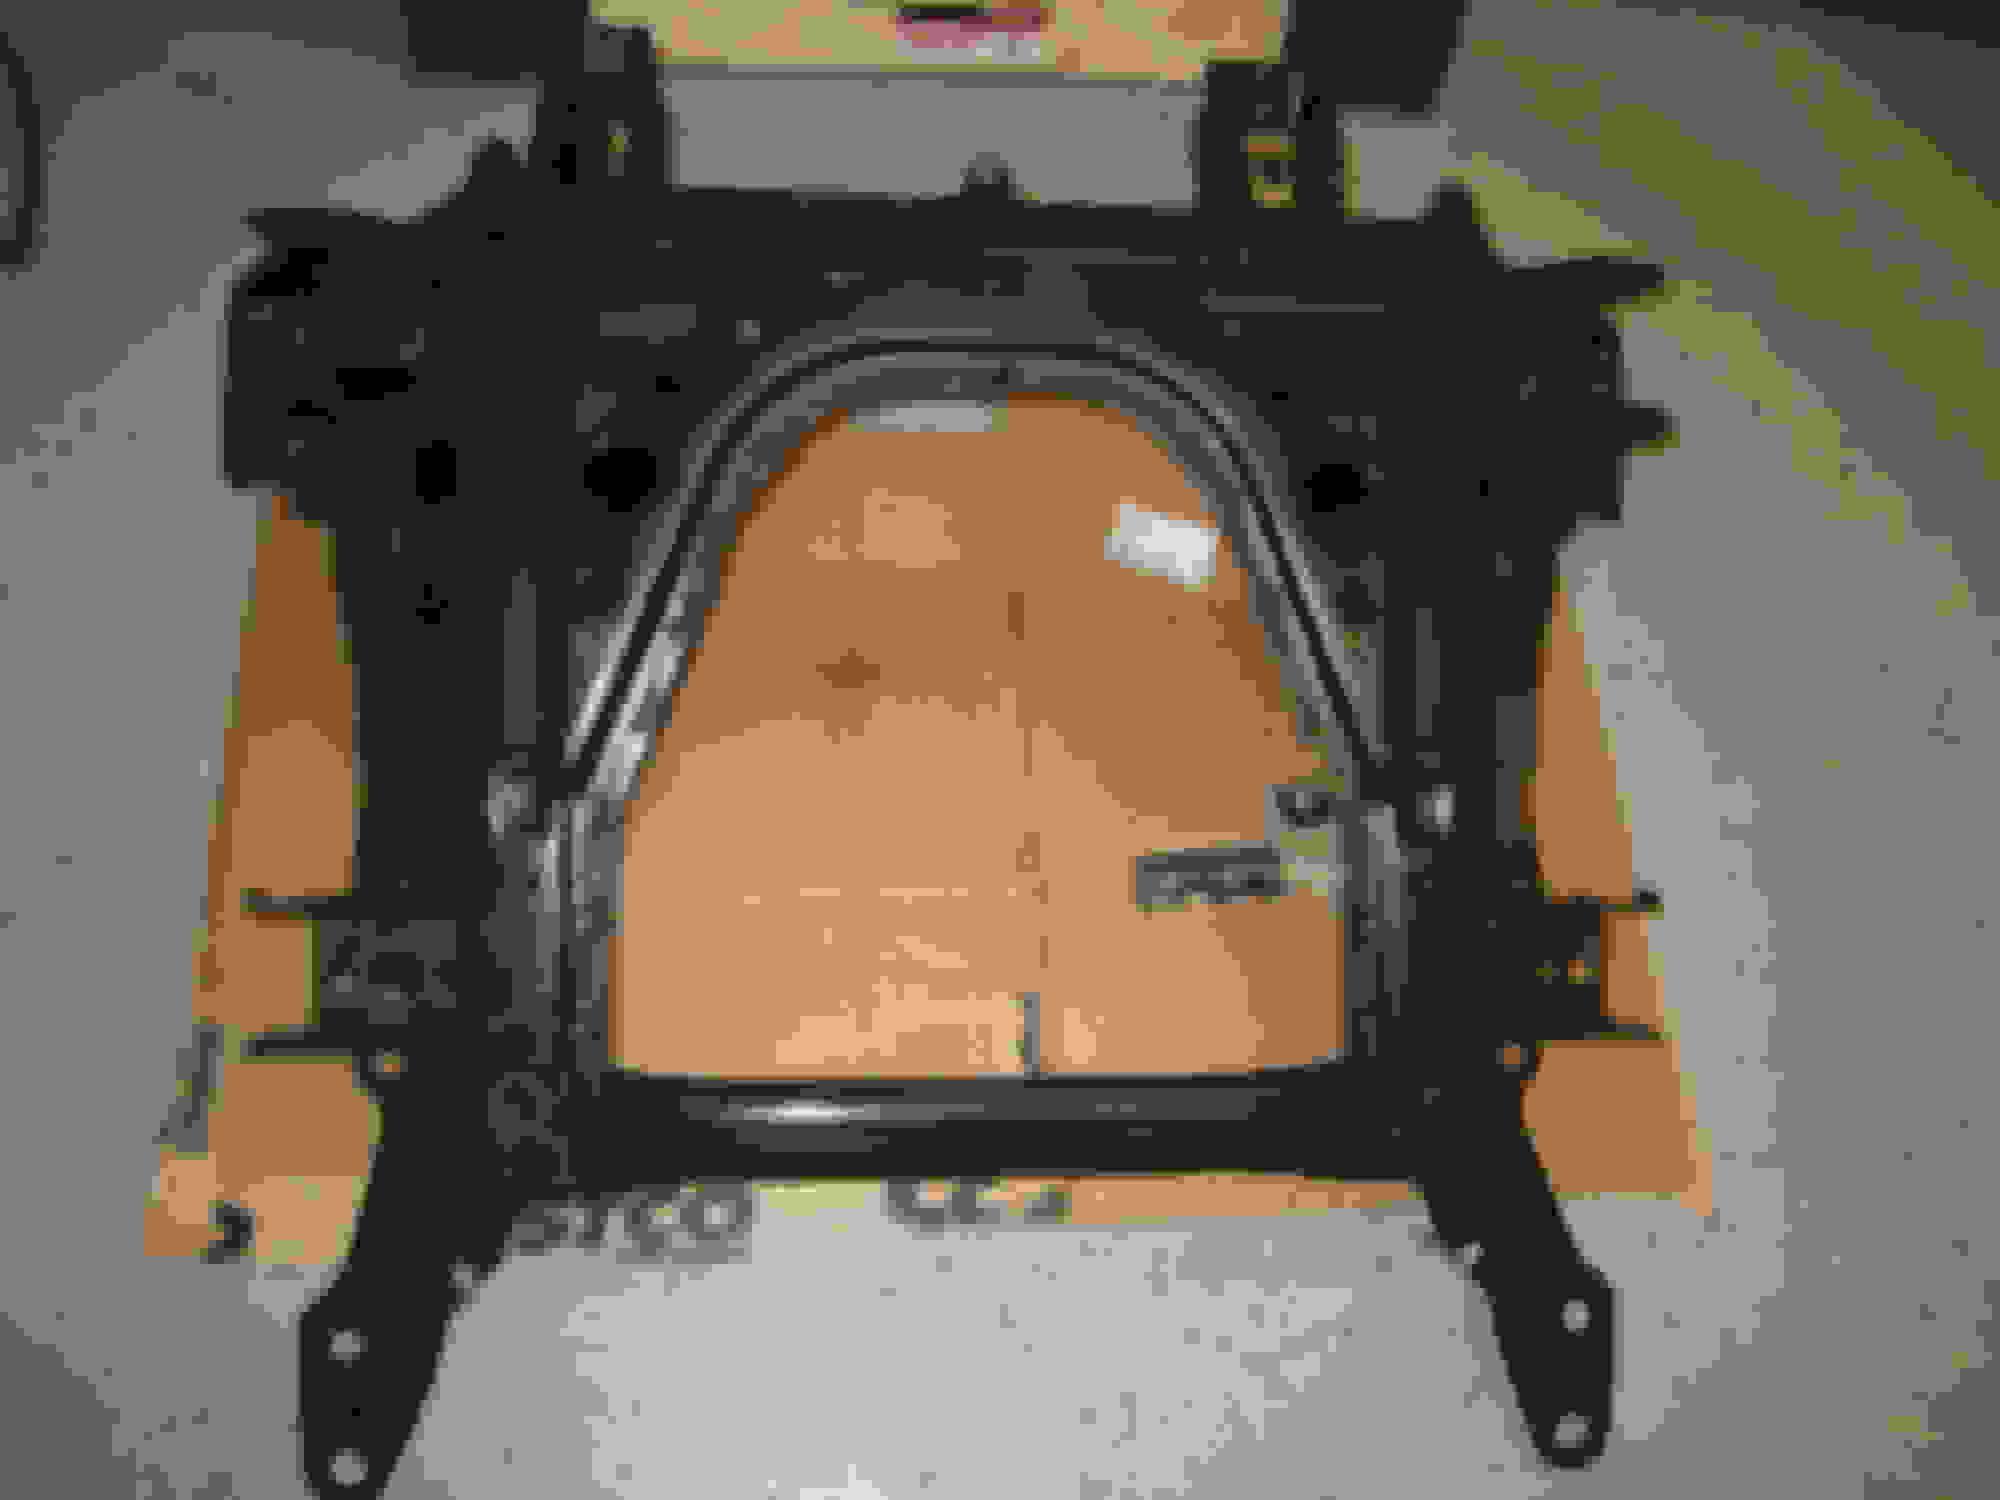 Mazda Miata Wiring Diagrams 1990 To 2002 Miata Forumz Mazda Miata Chat Forums